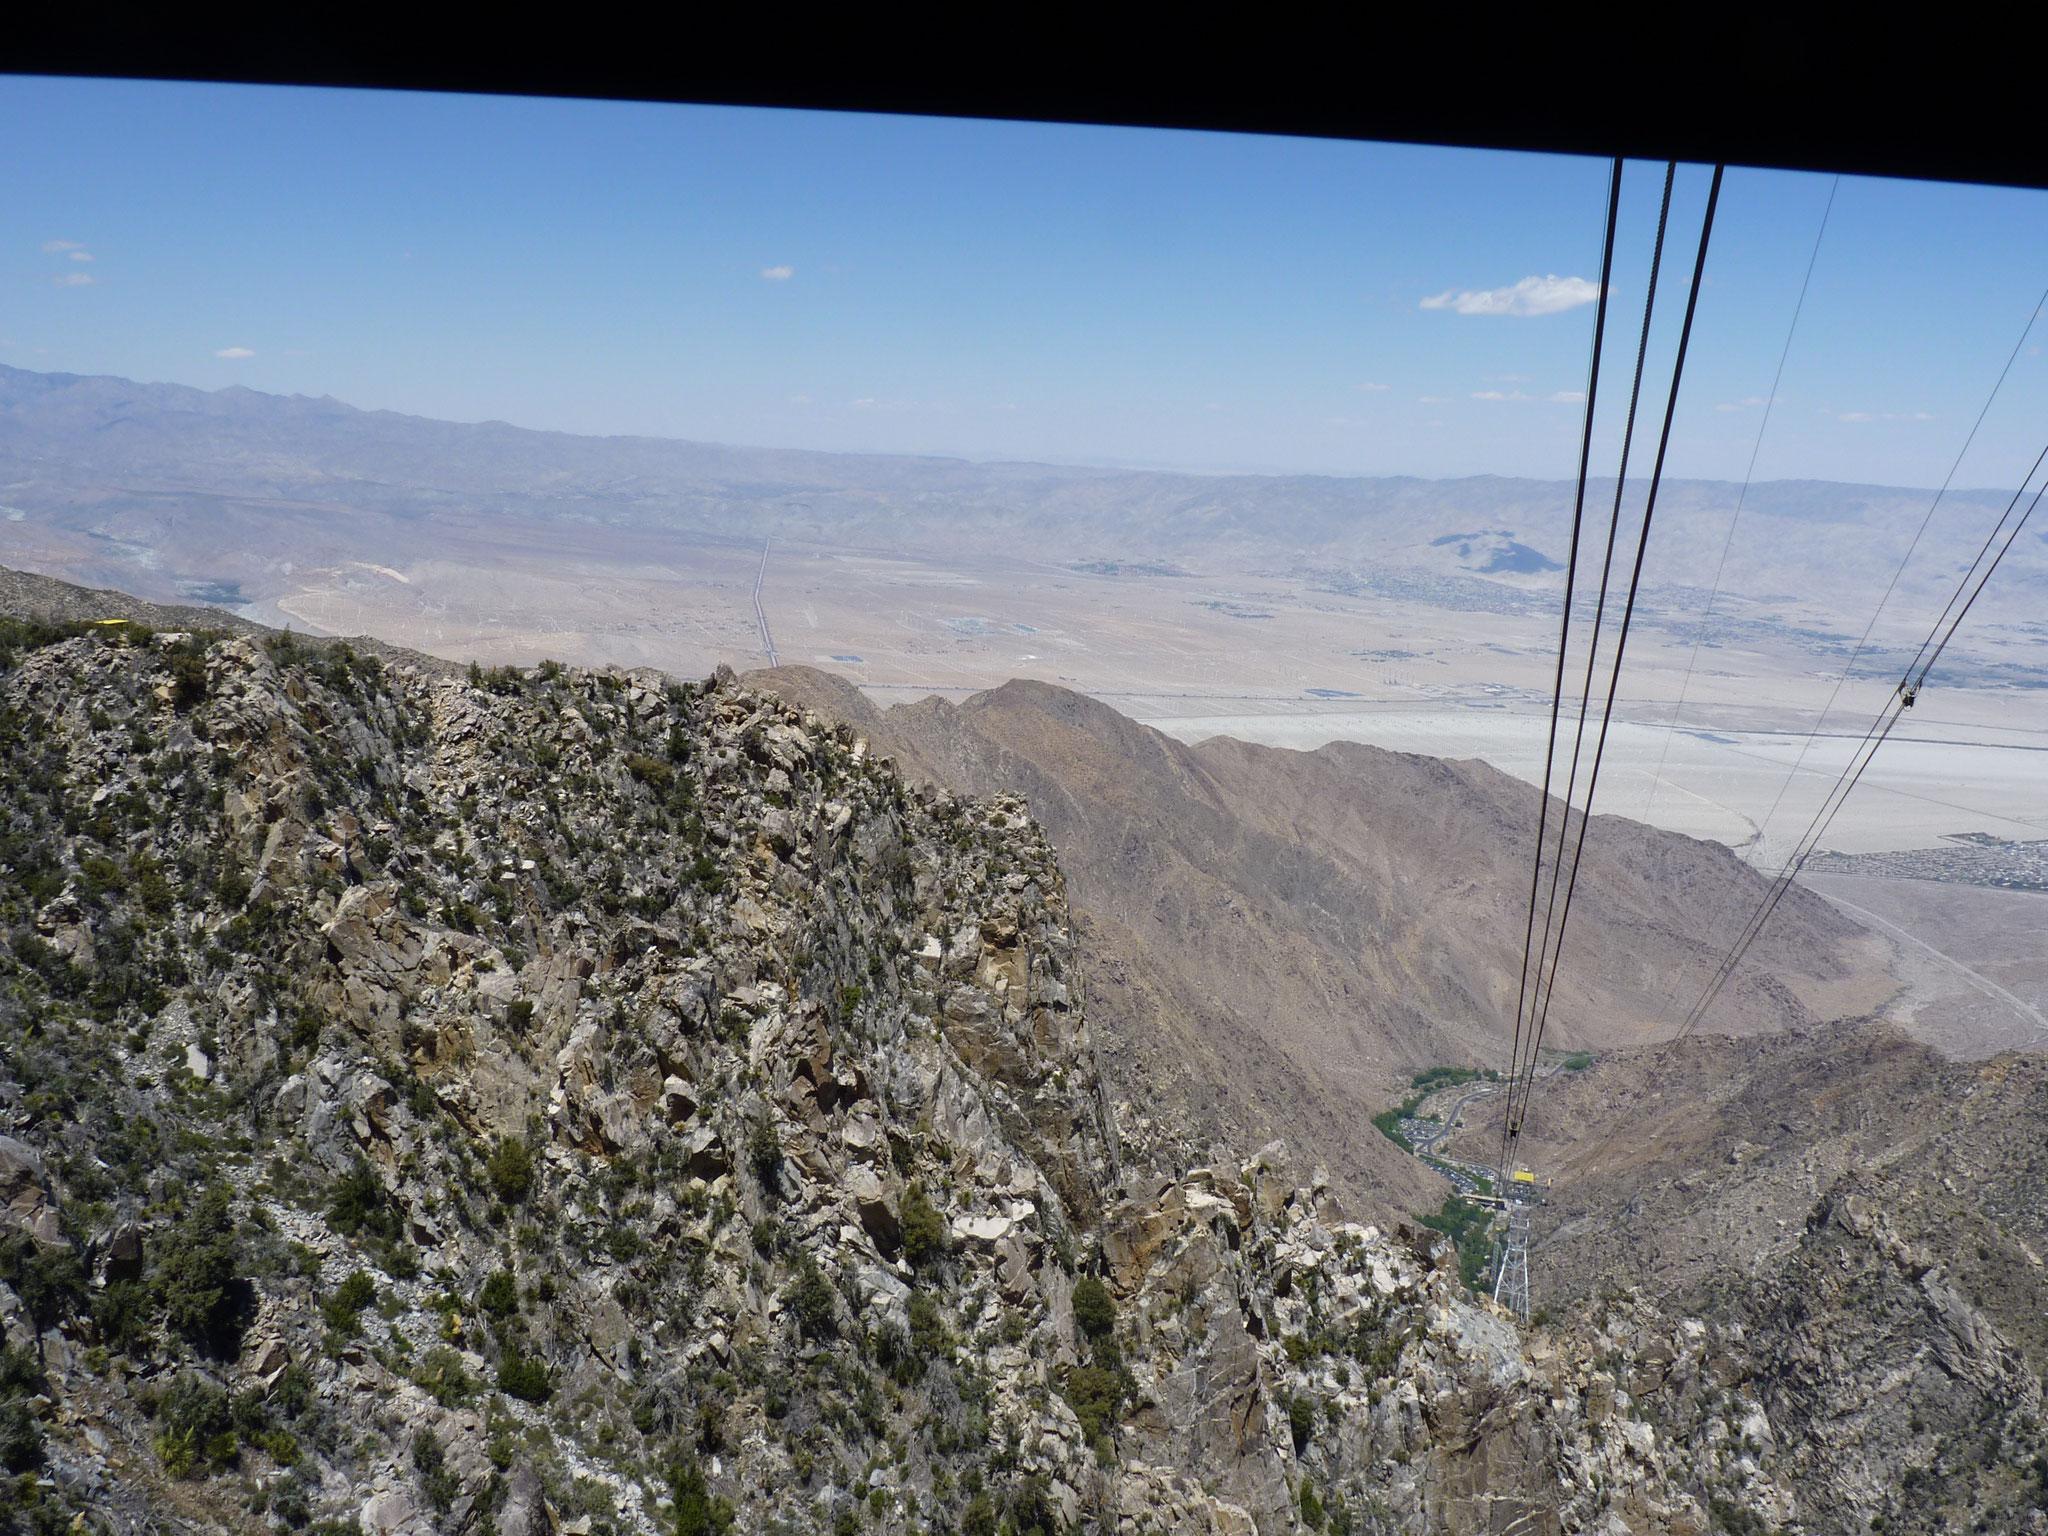 Vue de l'Aerial Tramway sur la faille de San Andrea